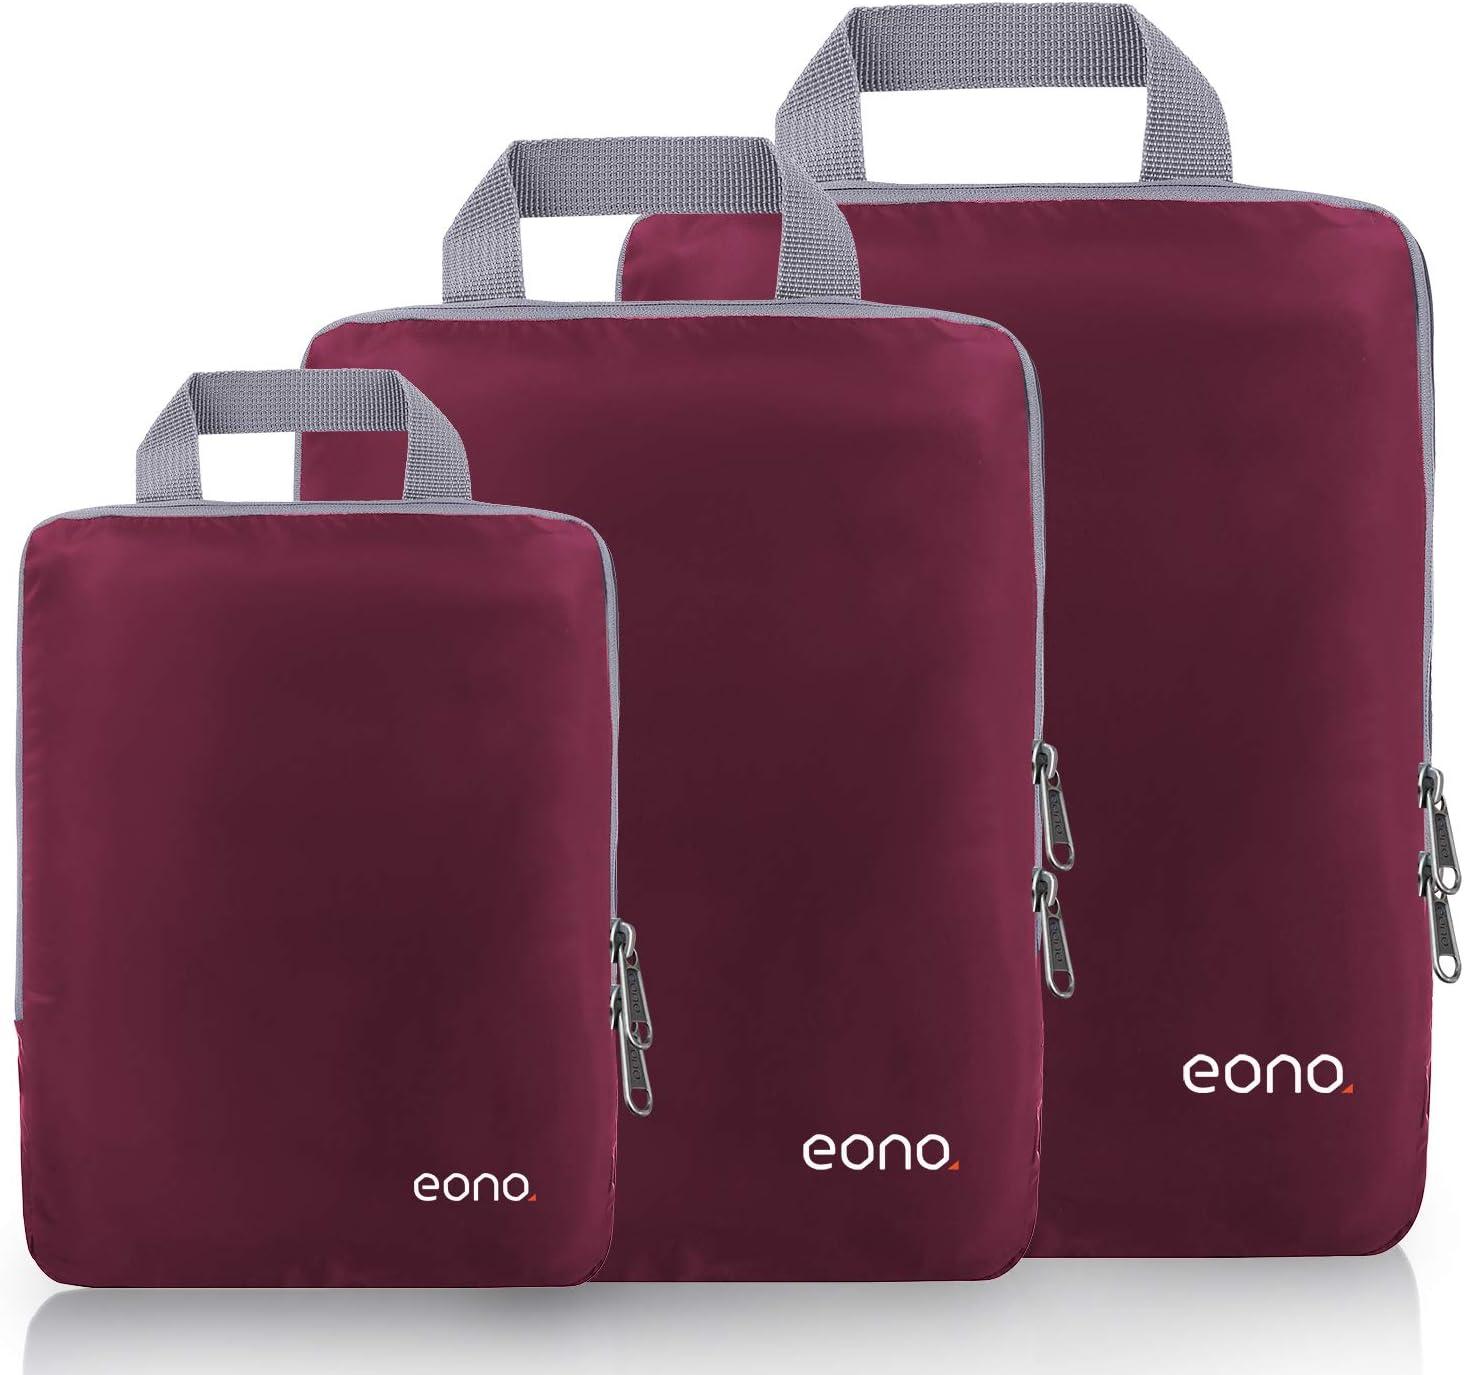 Amazon Brand - Eono Organizadores de Viaje de compresión expandibles, Impermeable Organizador de Maleta, Cubos de Embalaje, Compression Packing Cubes ...